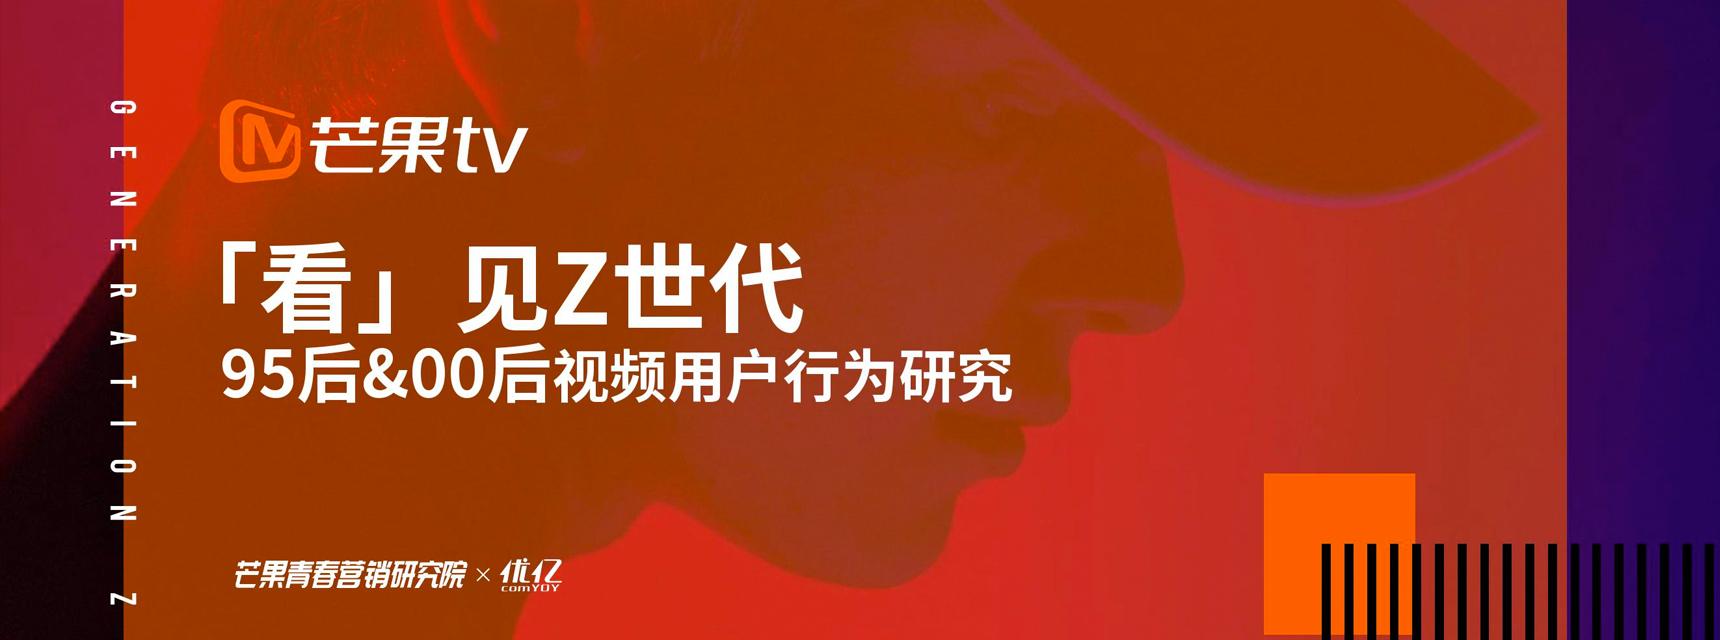 芒果TV「看」见Z世代:95后&00后视频用户行为研究报告